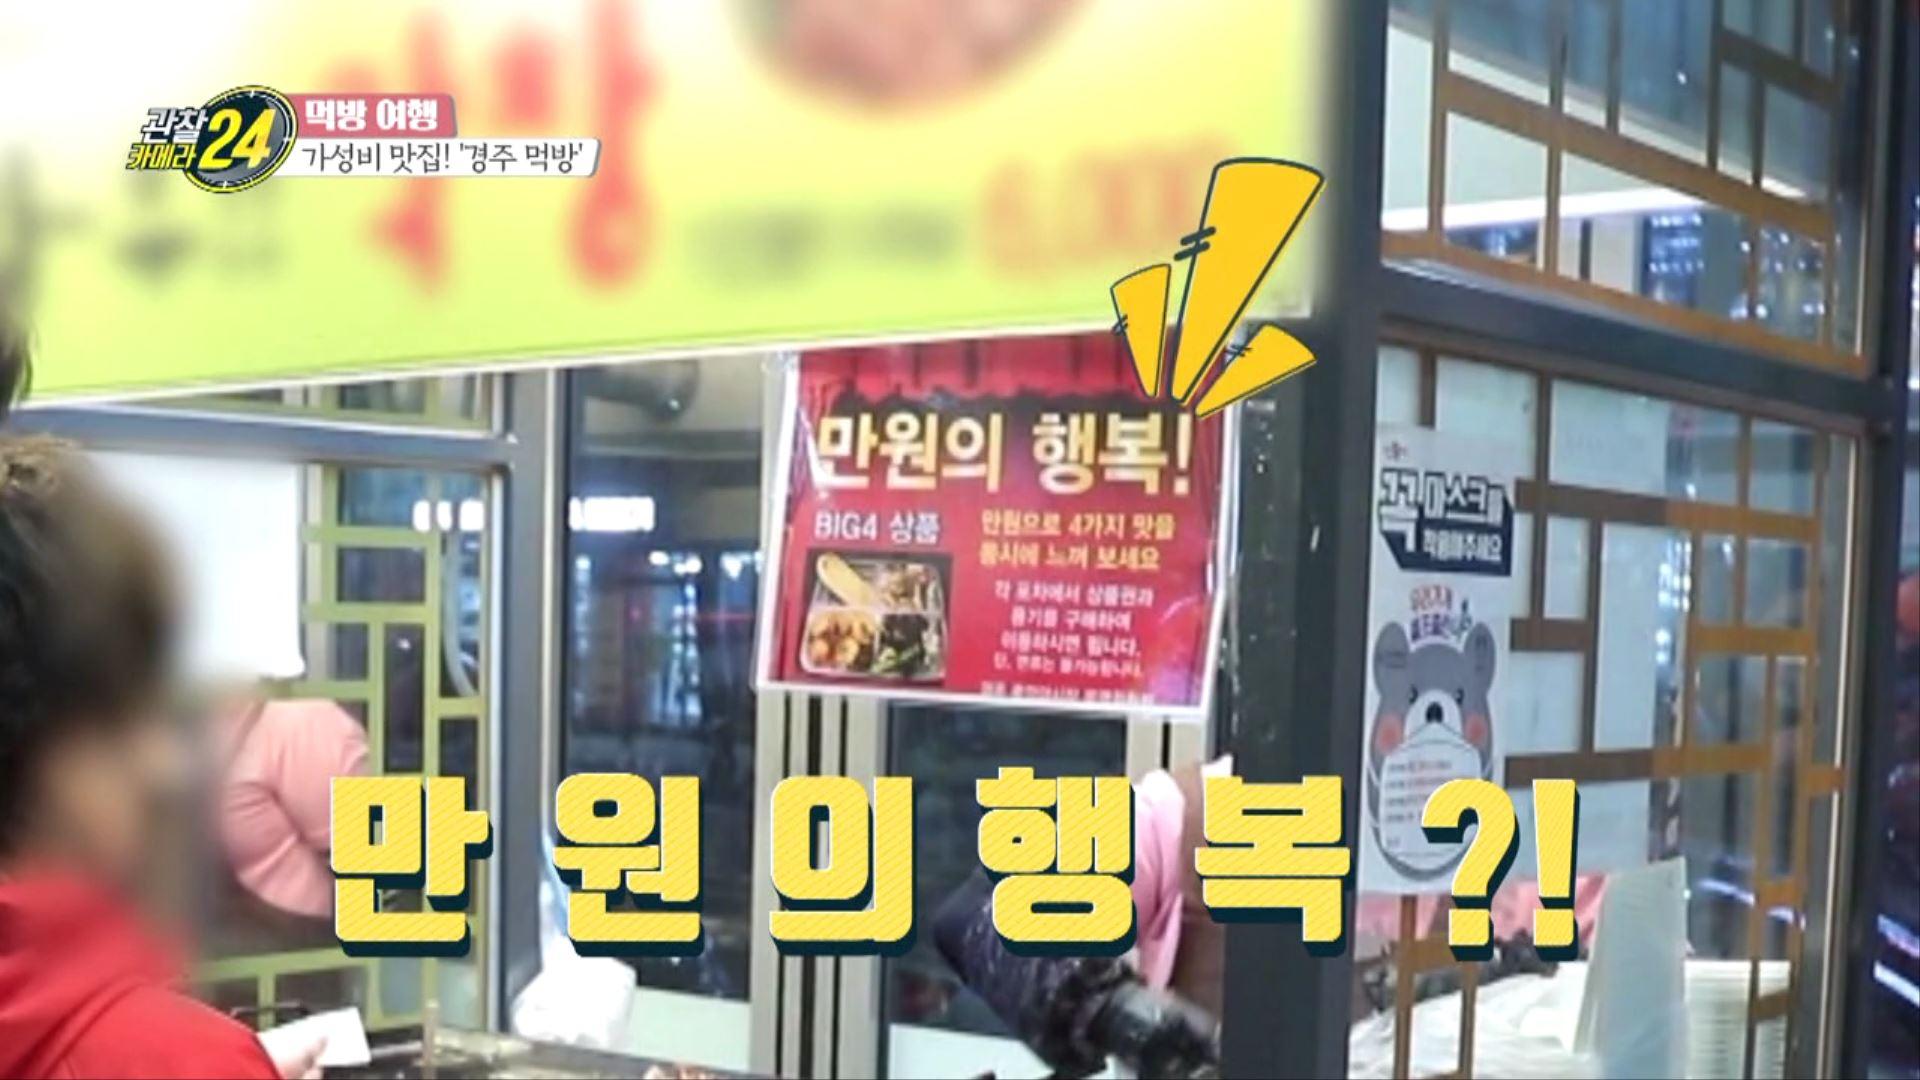 [선공개] 가성비 여행의 끝판왕! 경주 중앙시장 만원의....